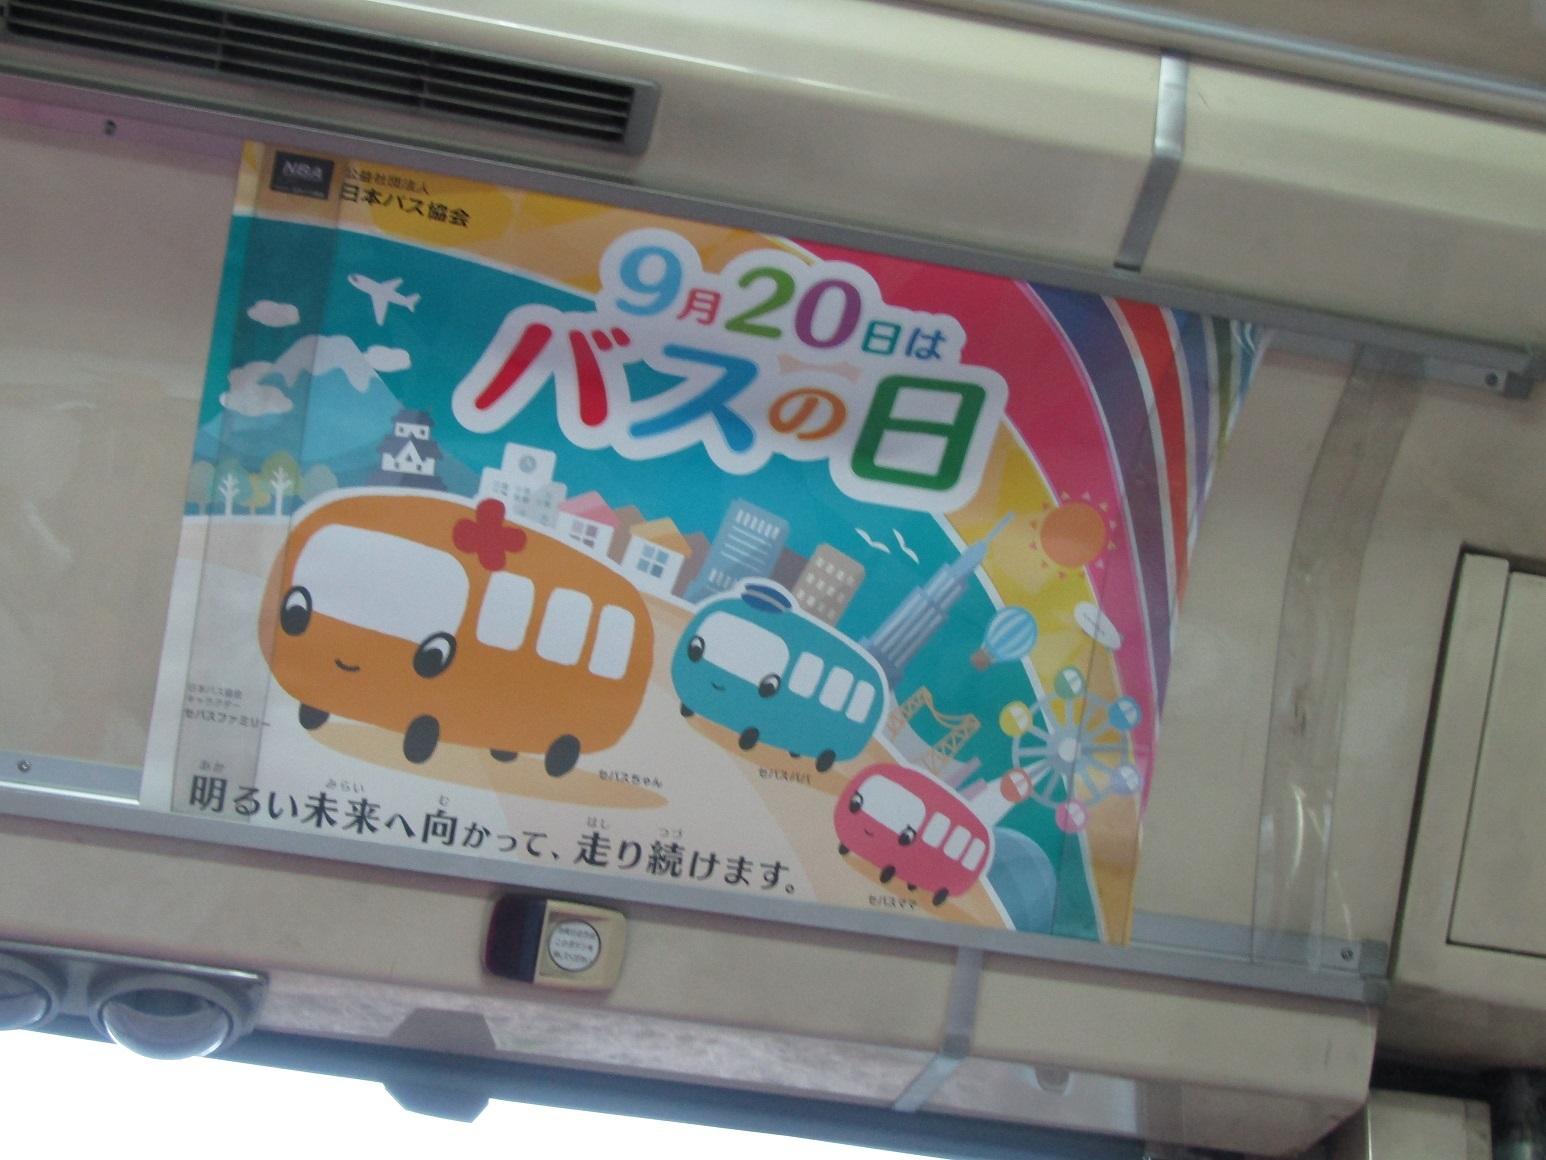 きょうも、明日も走るバス!_f0281398_22280373.jpg